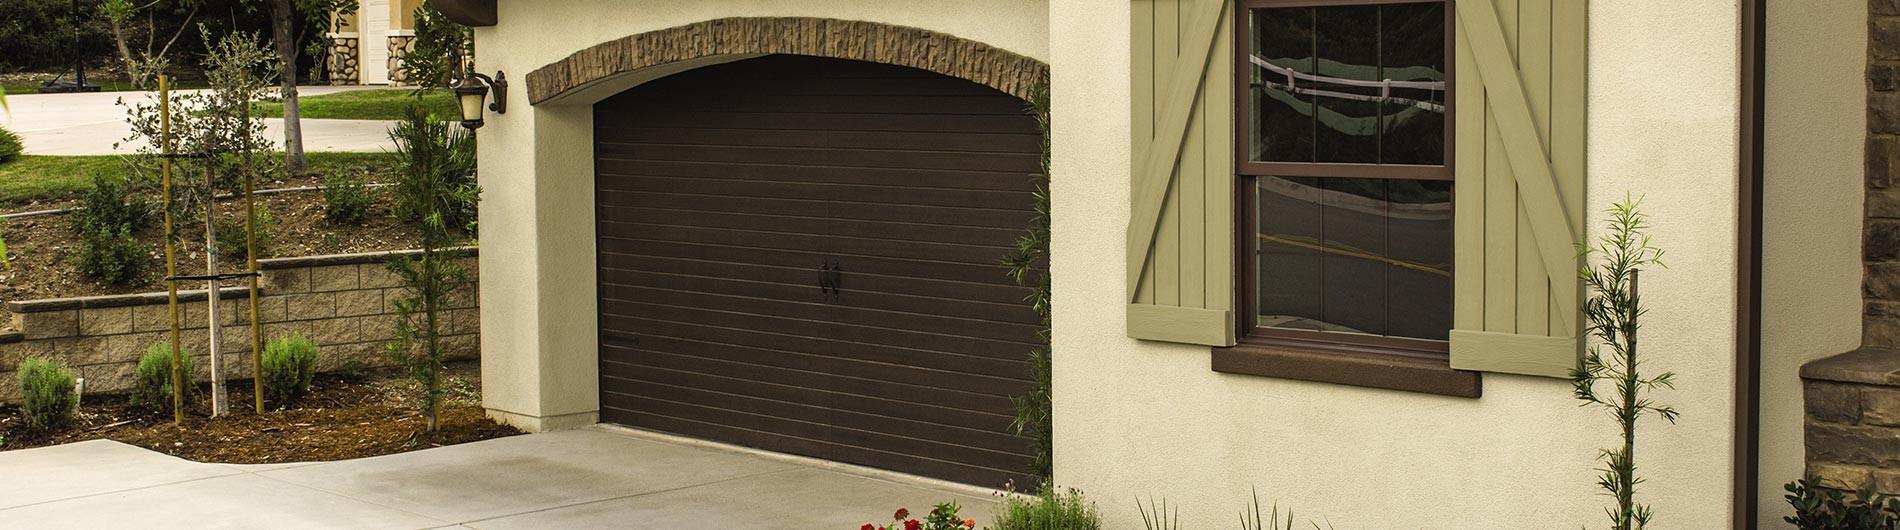 9800-Fiberglass-Garage-Door-7ft-VGroove-